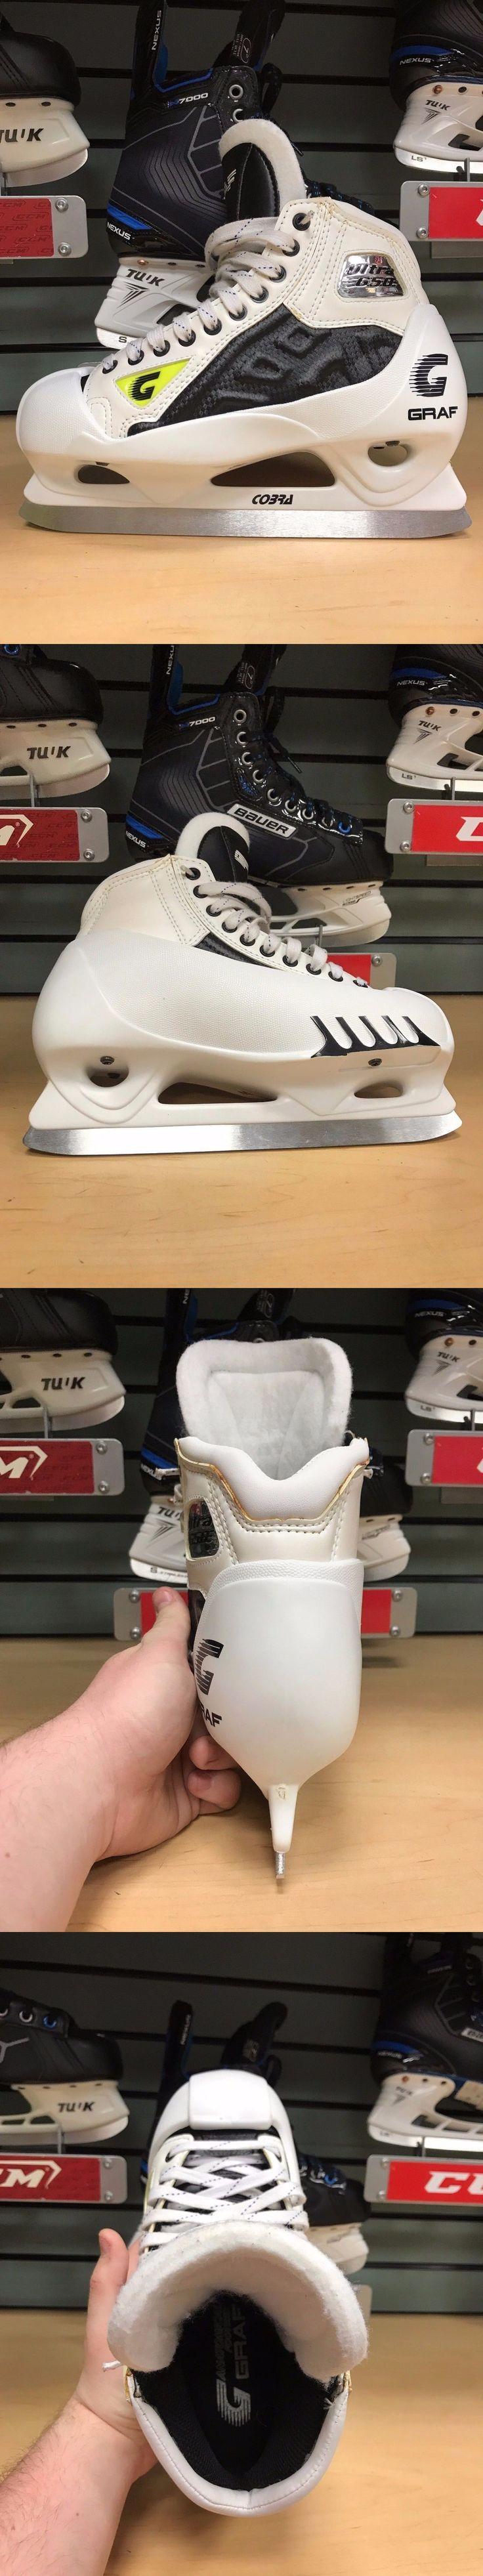 Ice Hockey-Adult 20858: Graf G50 Ix Goalie Skates Sz Sr 8.5D -> BUY IT NOW ONLY: $155 on eBay!